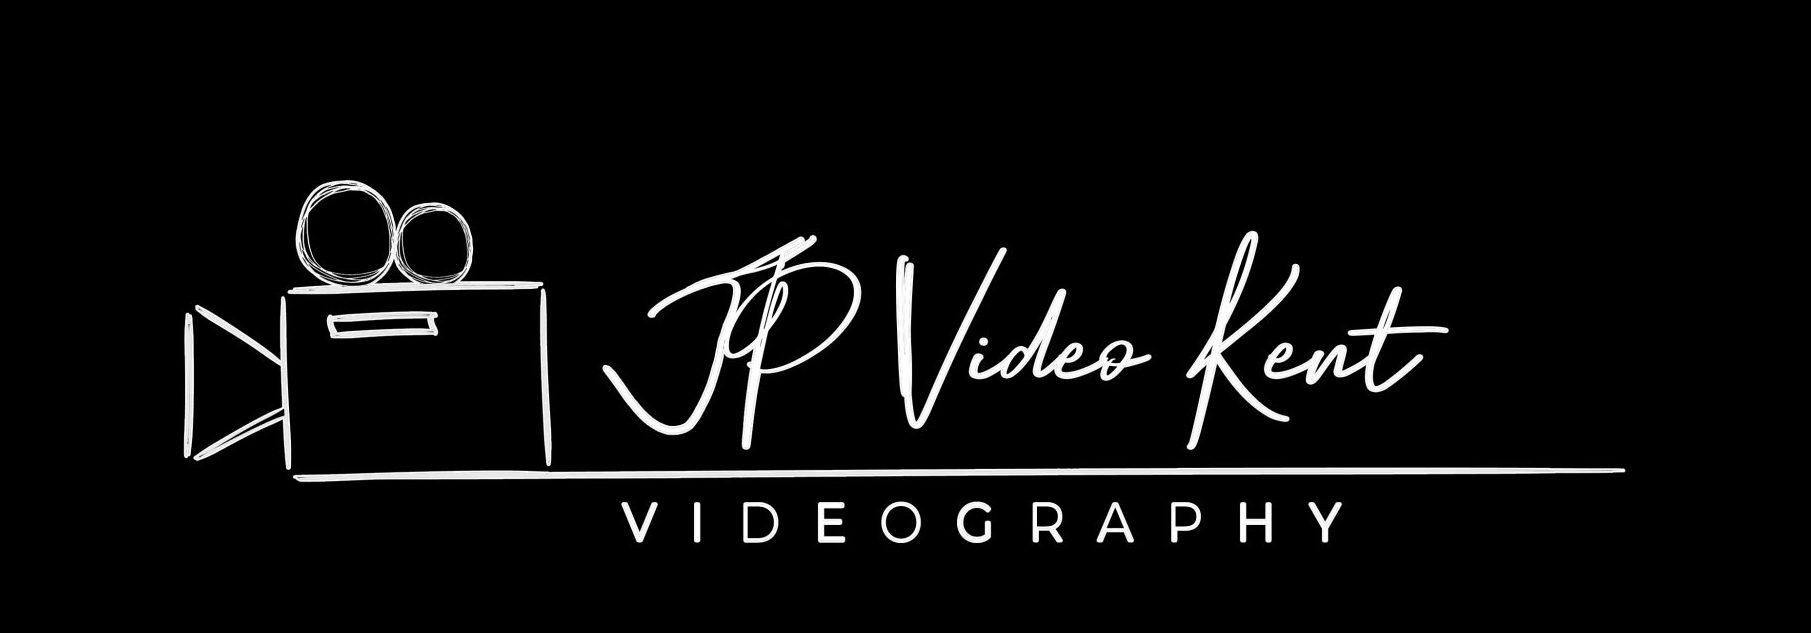 JP Video Kent - Wedding Videos